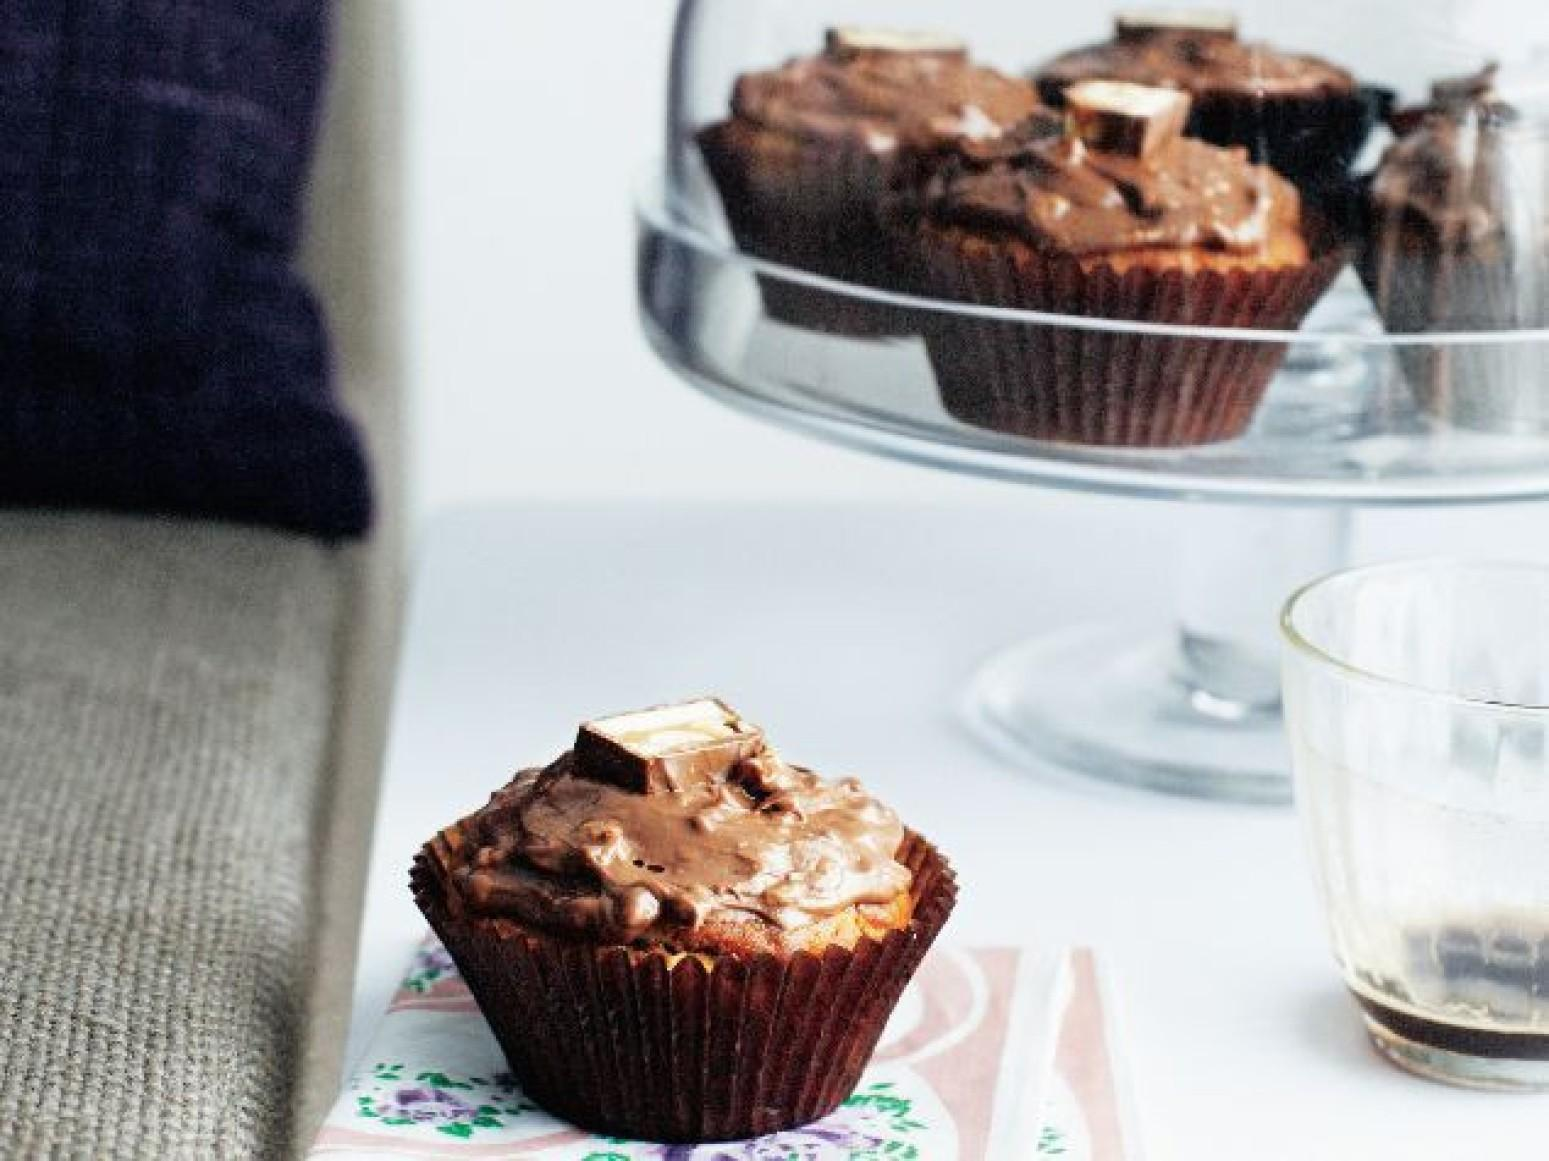 Peanut Butter Mini Cupcakes Recipe | Just A Pinch Recipes